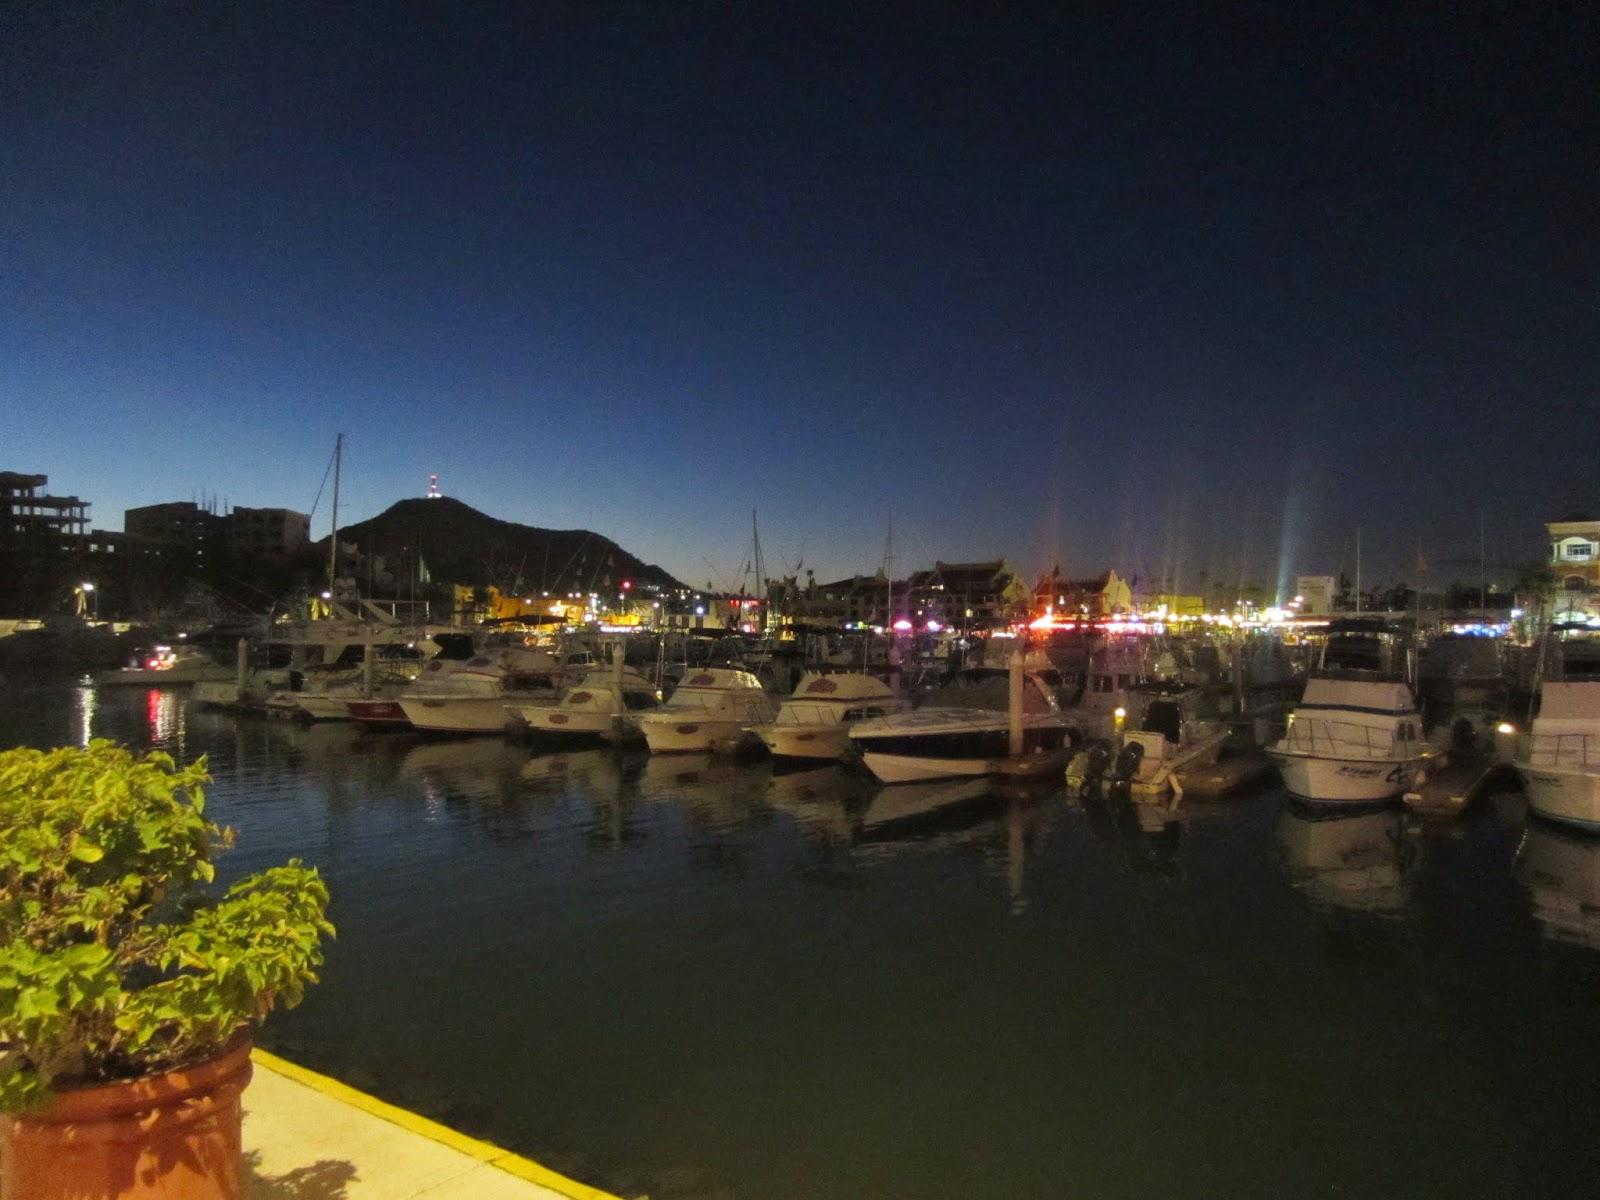 restaurant review: pochos restaurant (cabo pier, cabo san lucas mexico)